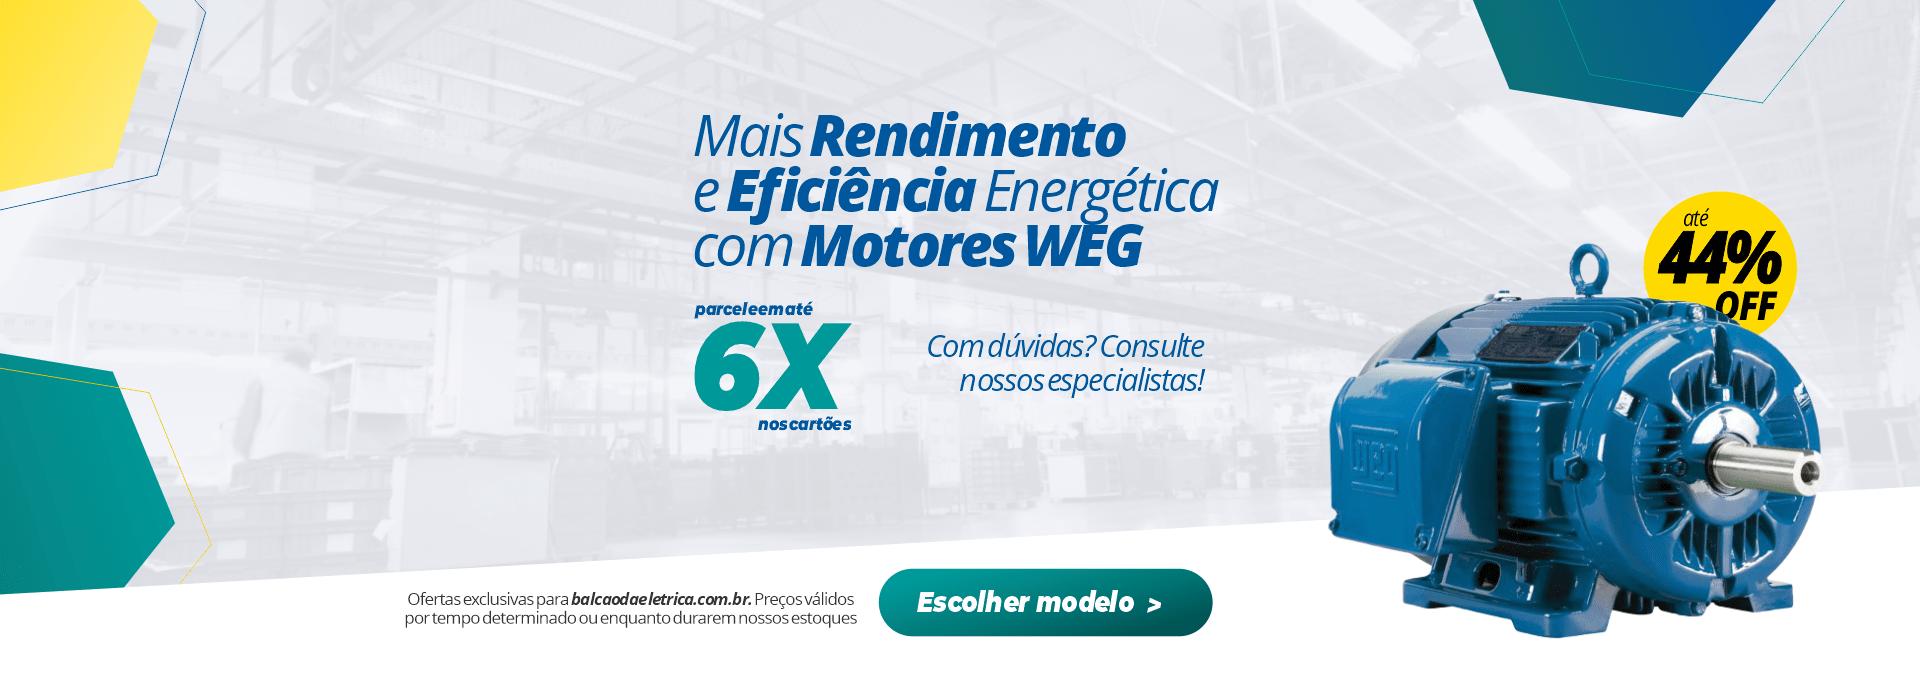 Motor WEG